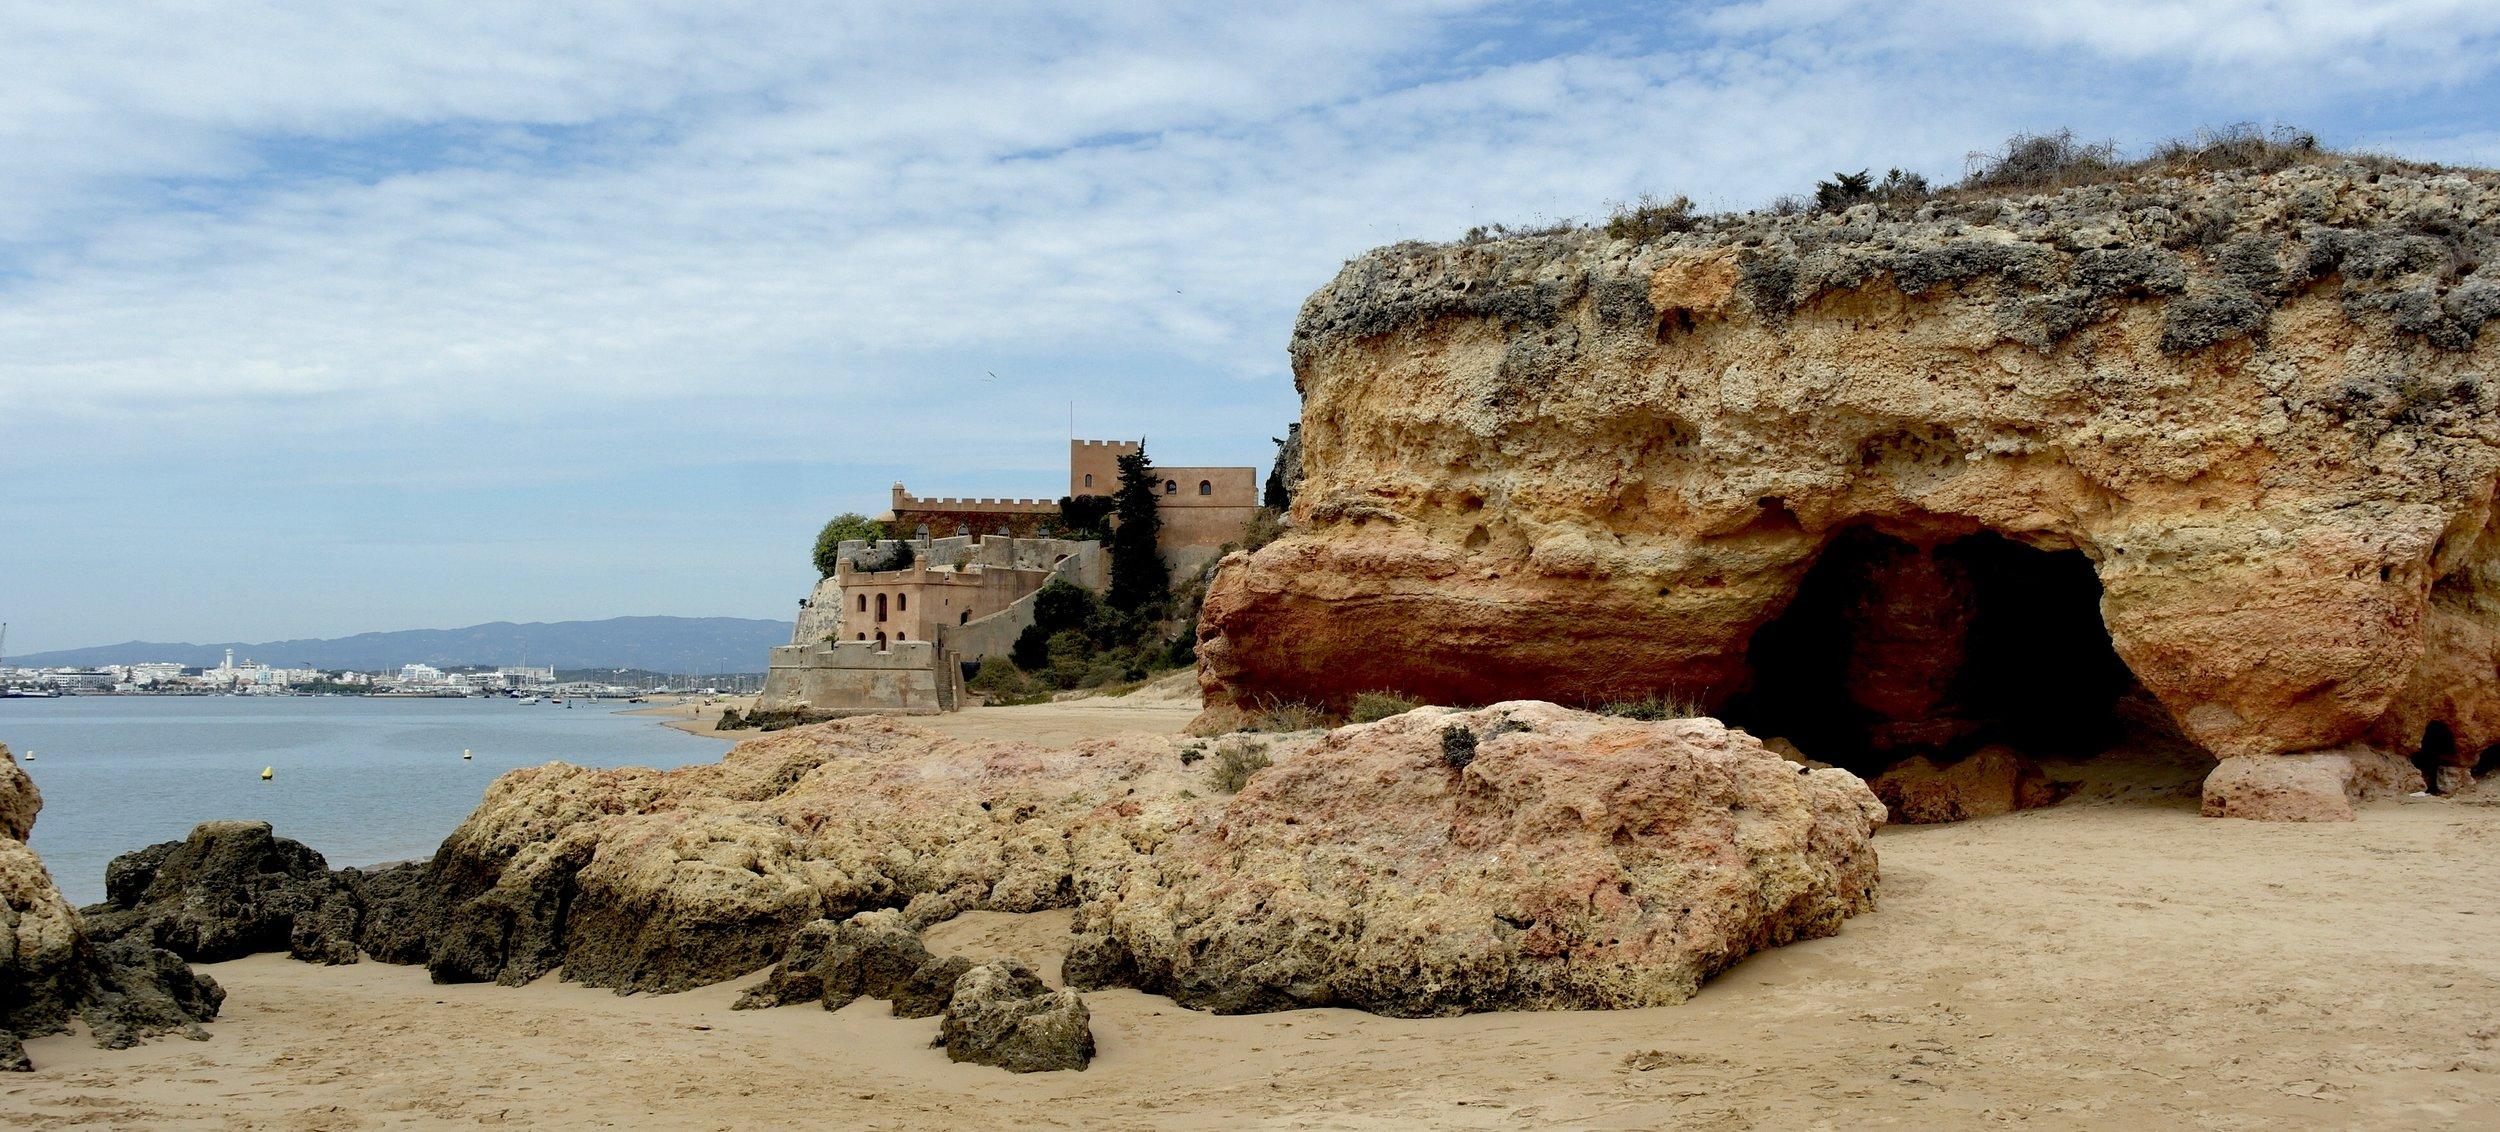 Praia Grande in the Southern Algarve